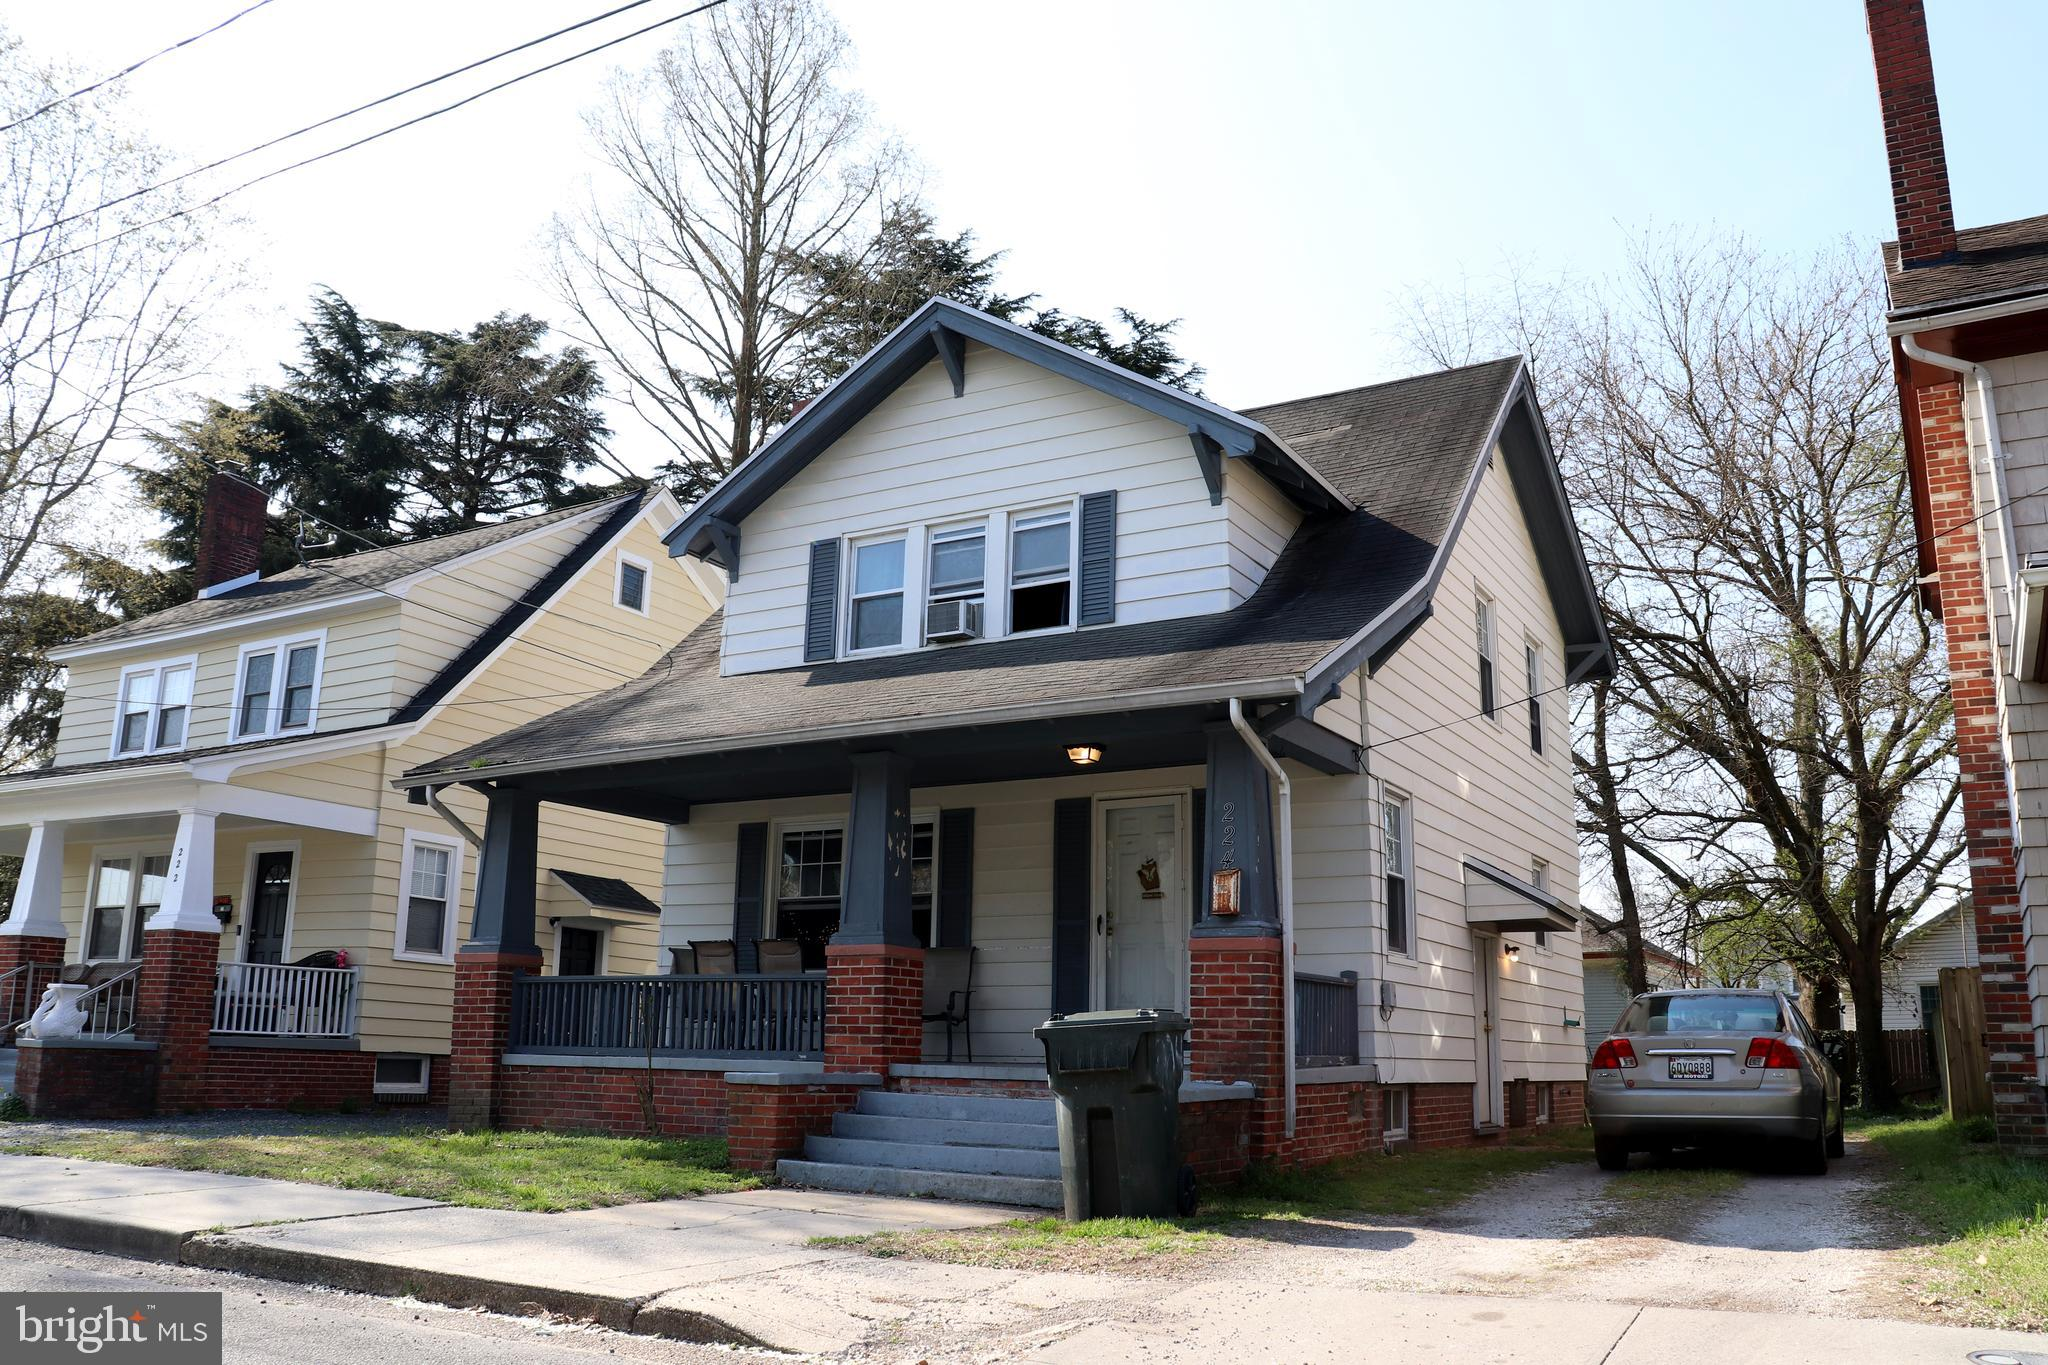 224 Maryland Ave, Salisbury, MD, 21801